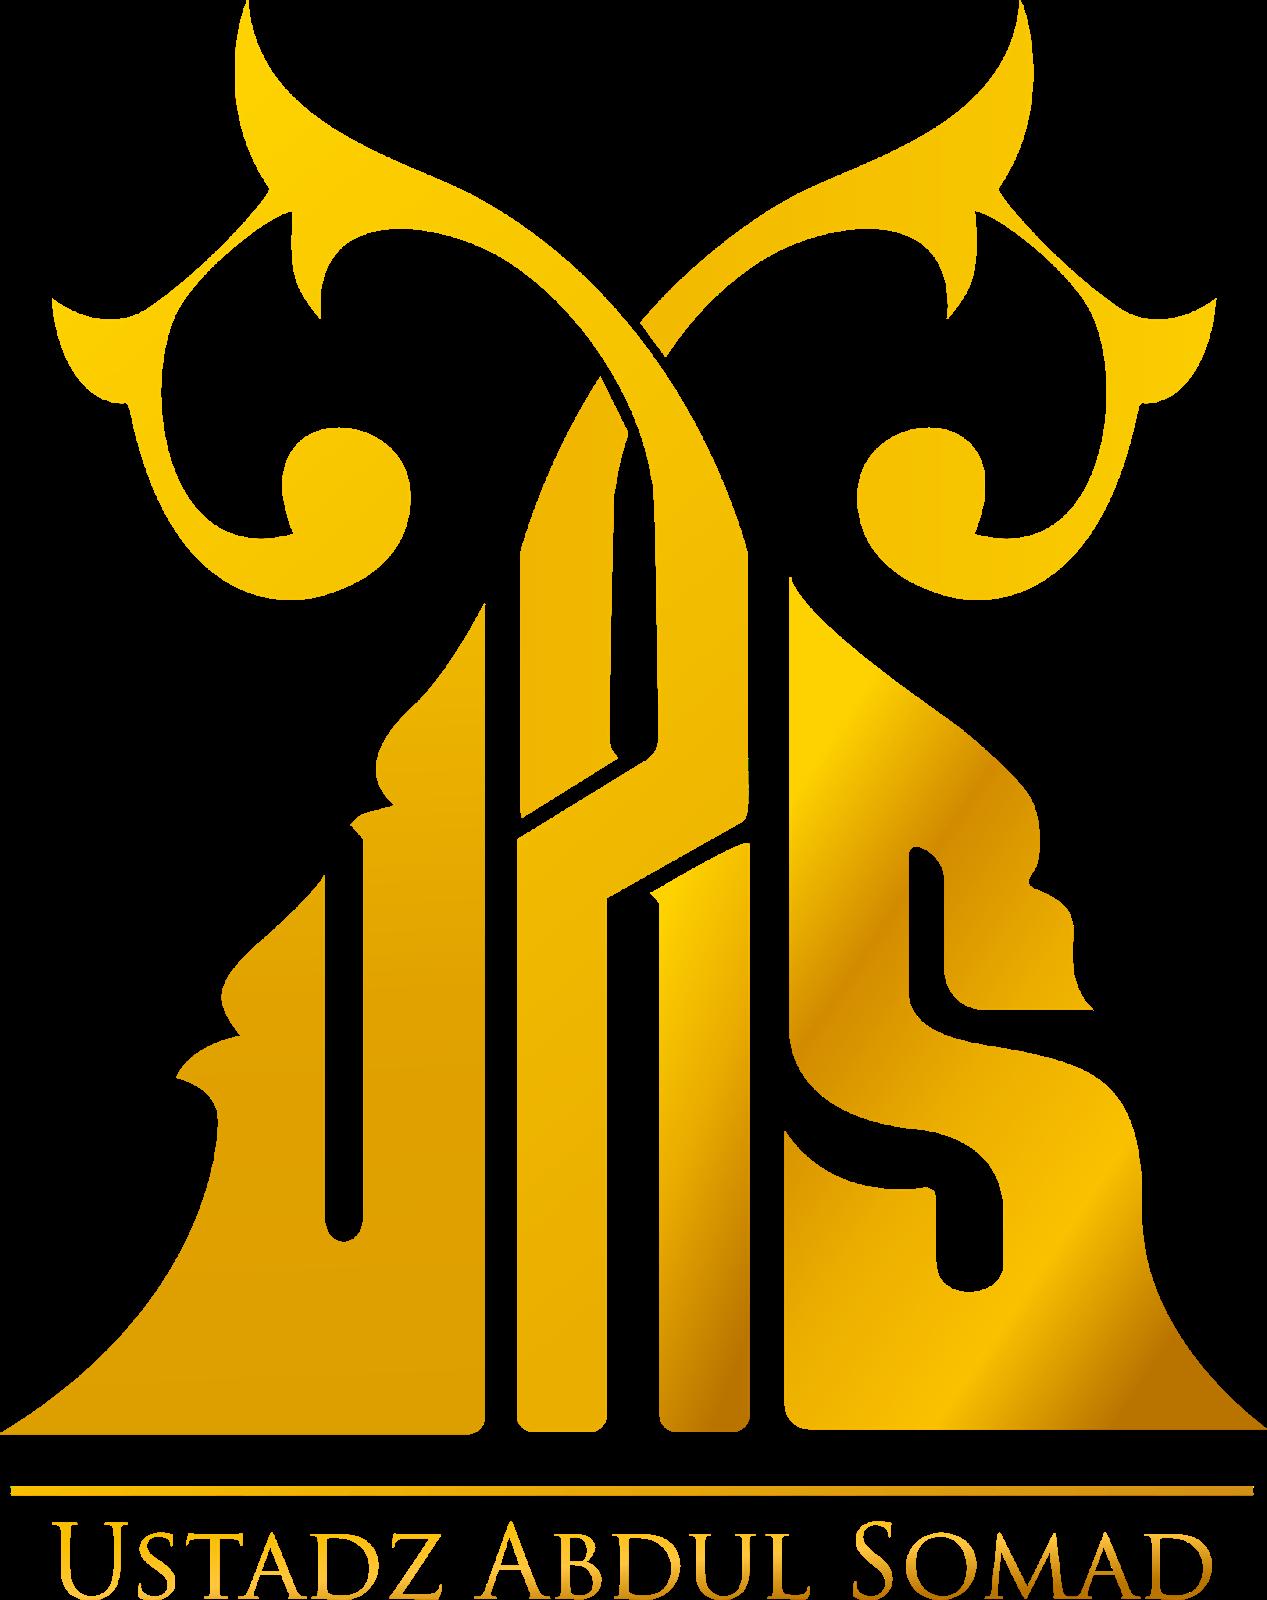 Download Logo Ustad Abdul Somad Vektor CDR - Mas Vian